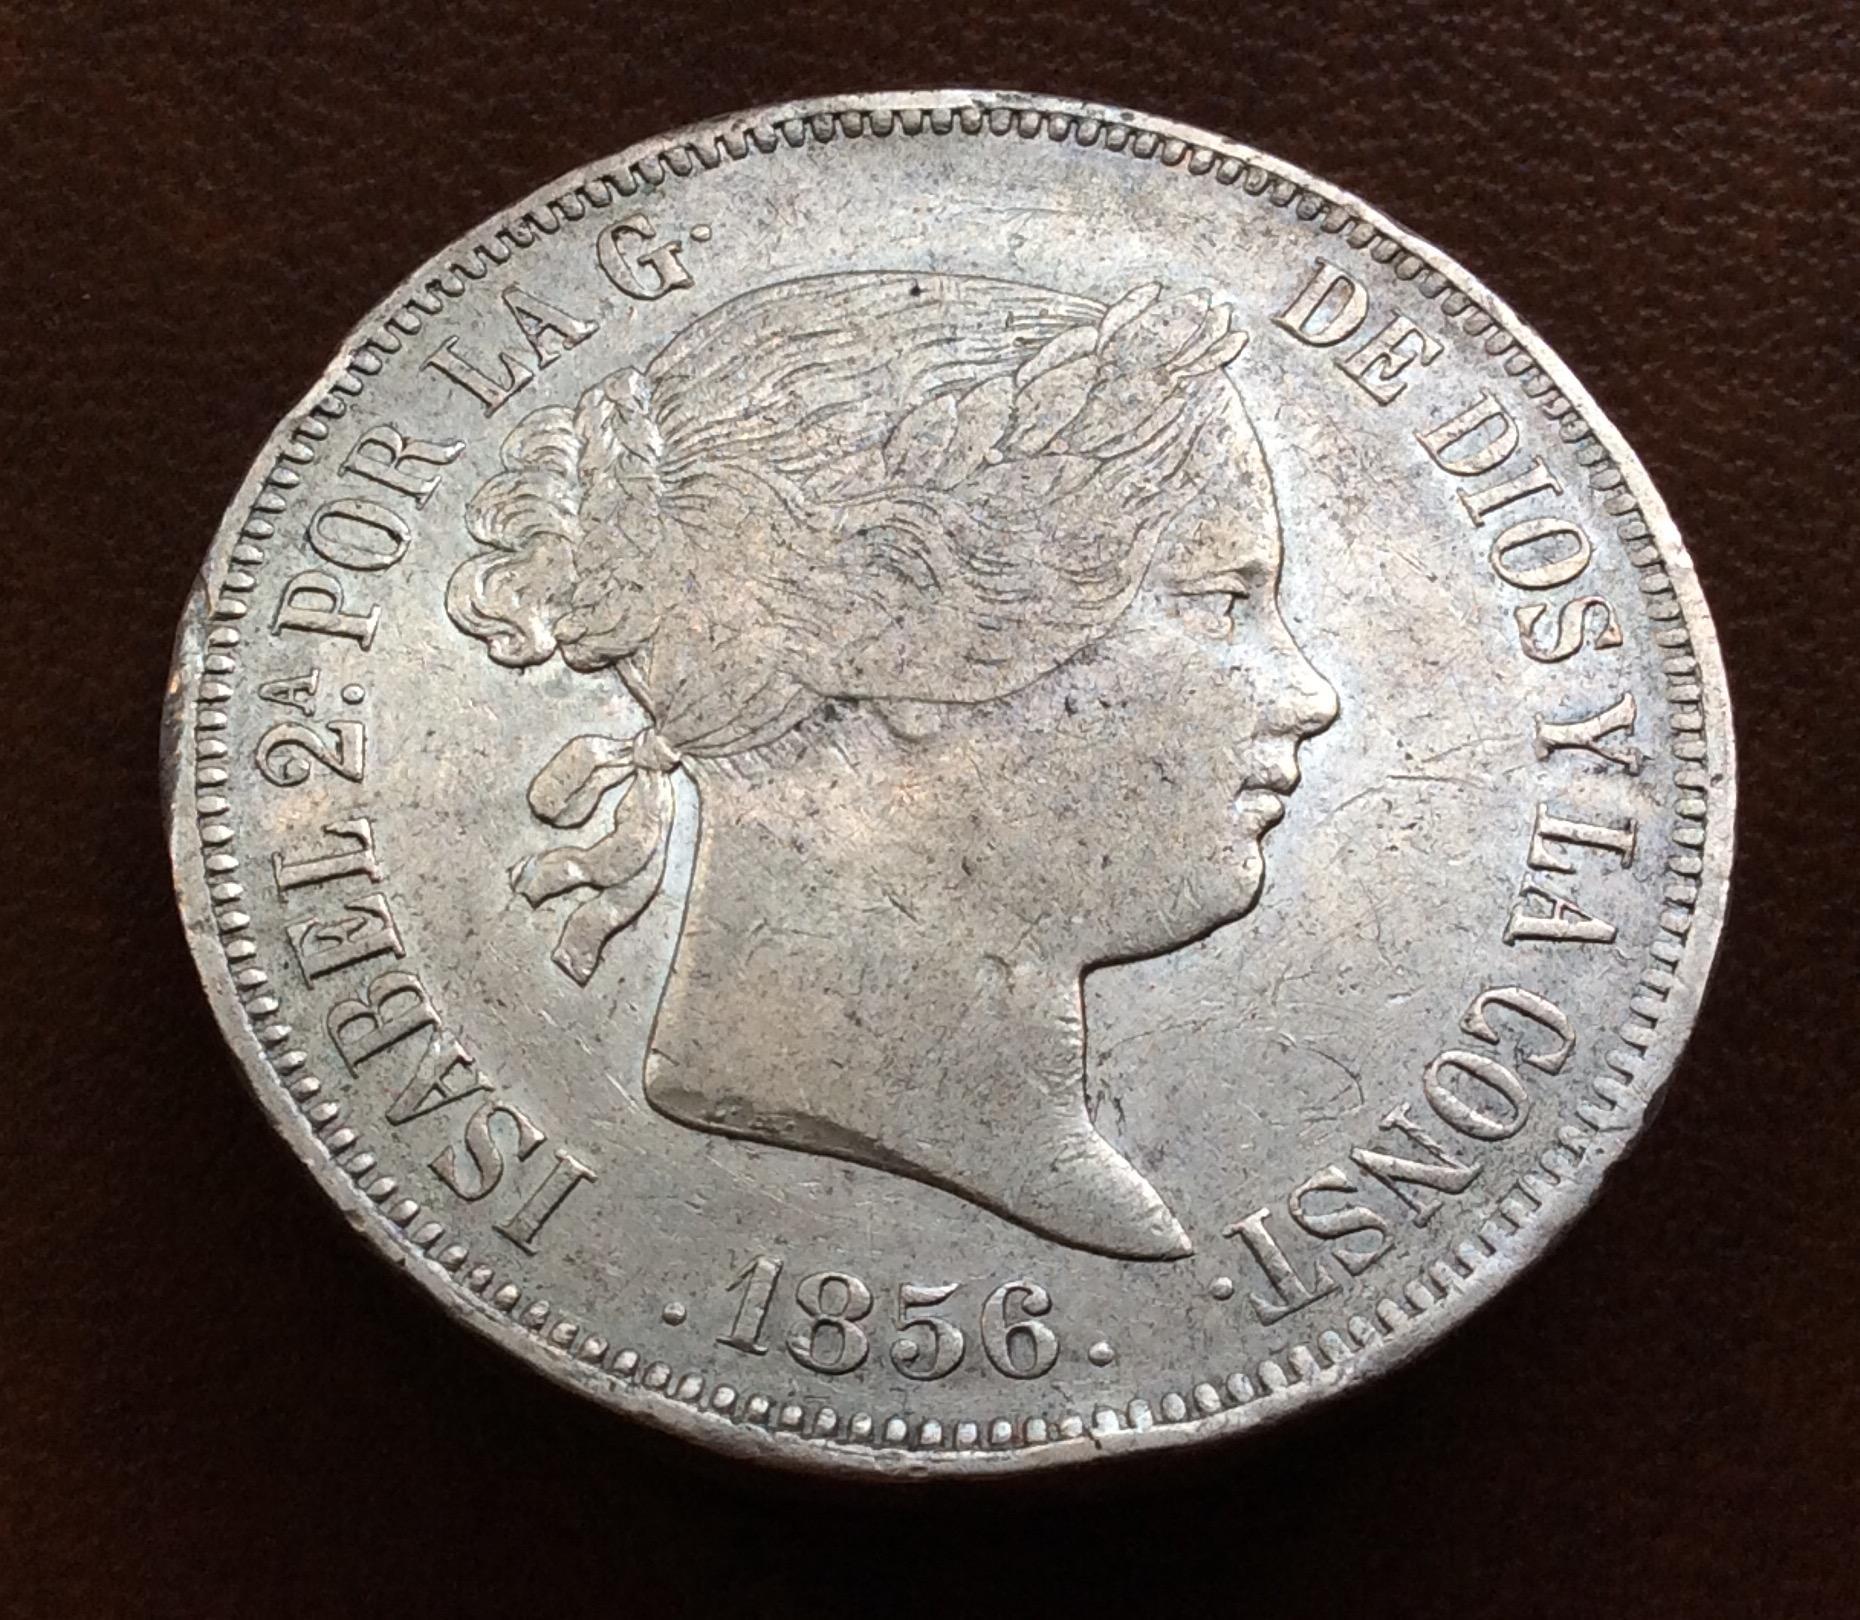 20 REALES PLATA 1856 - ISABEL II - MADRID